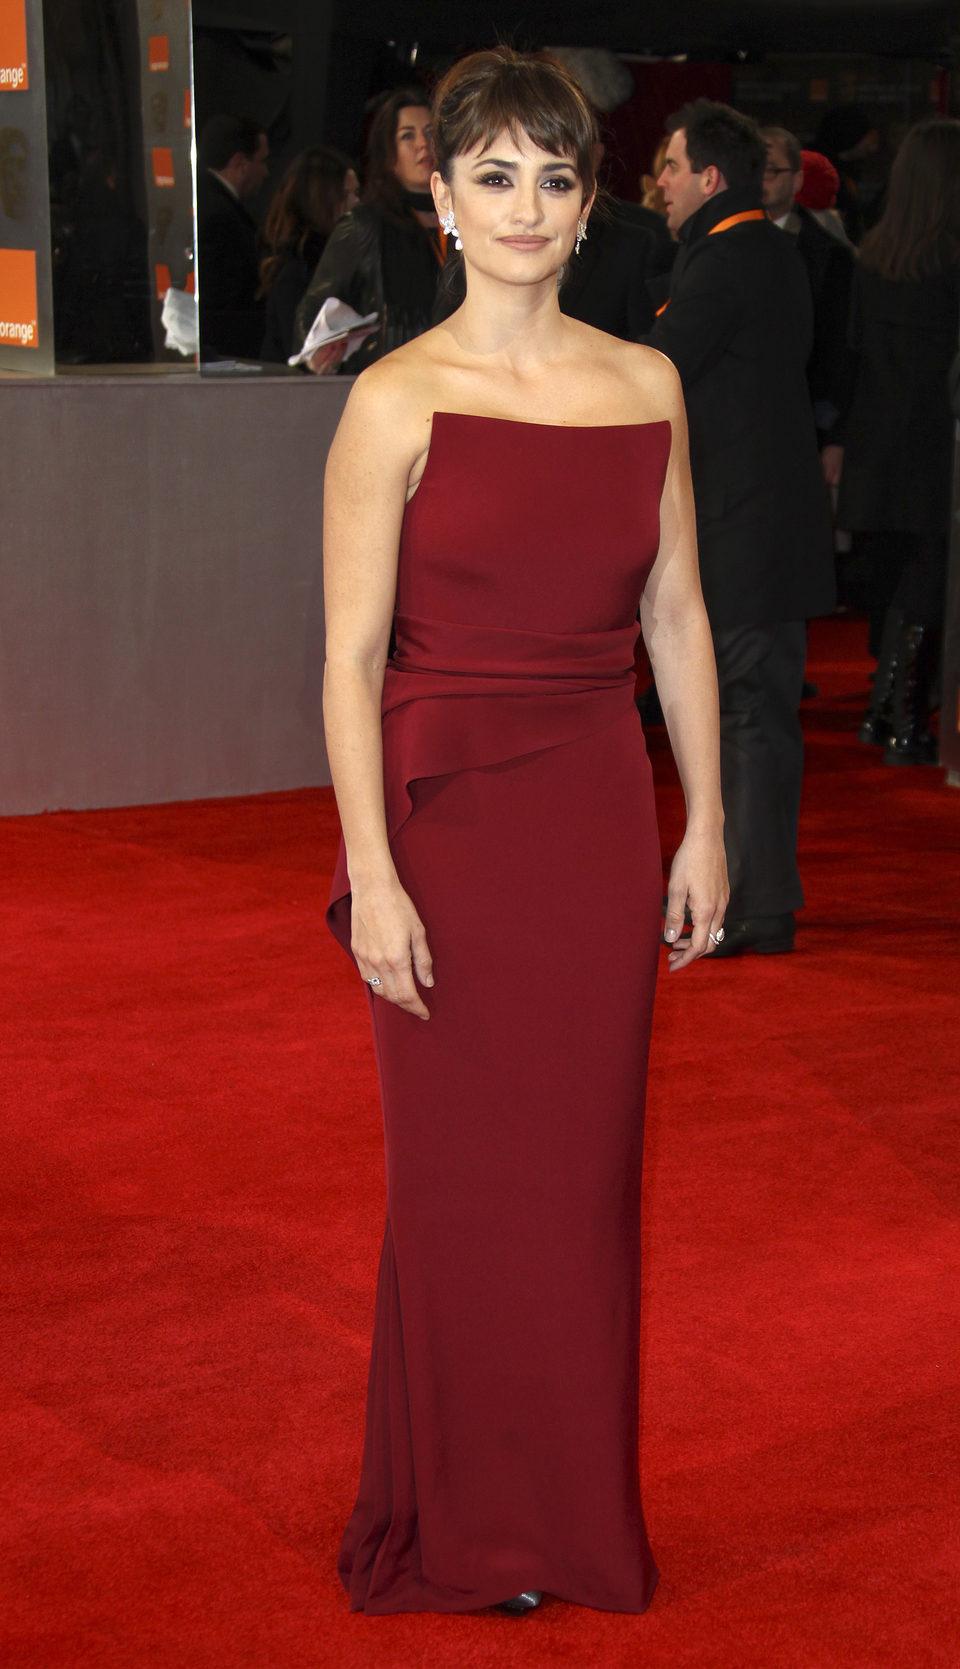 Penélope Cruz posa en la alfombra roja de los BAFTA 2012